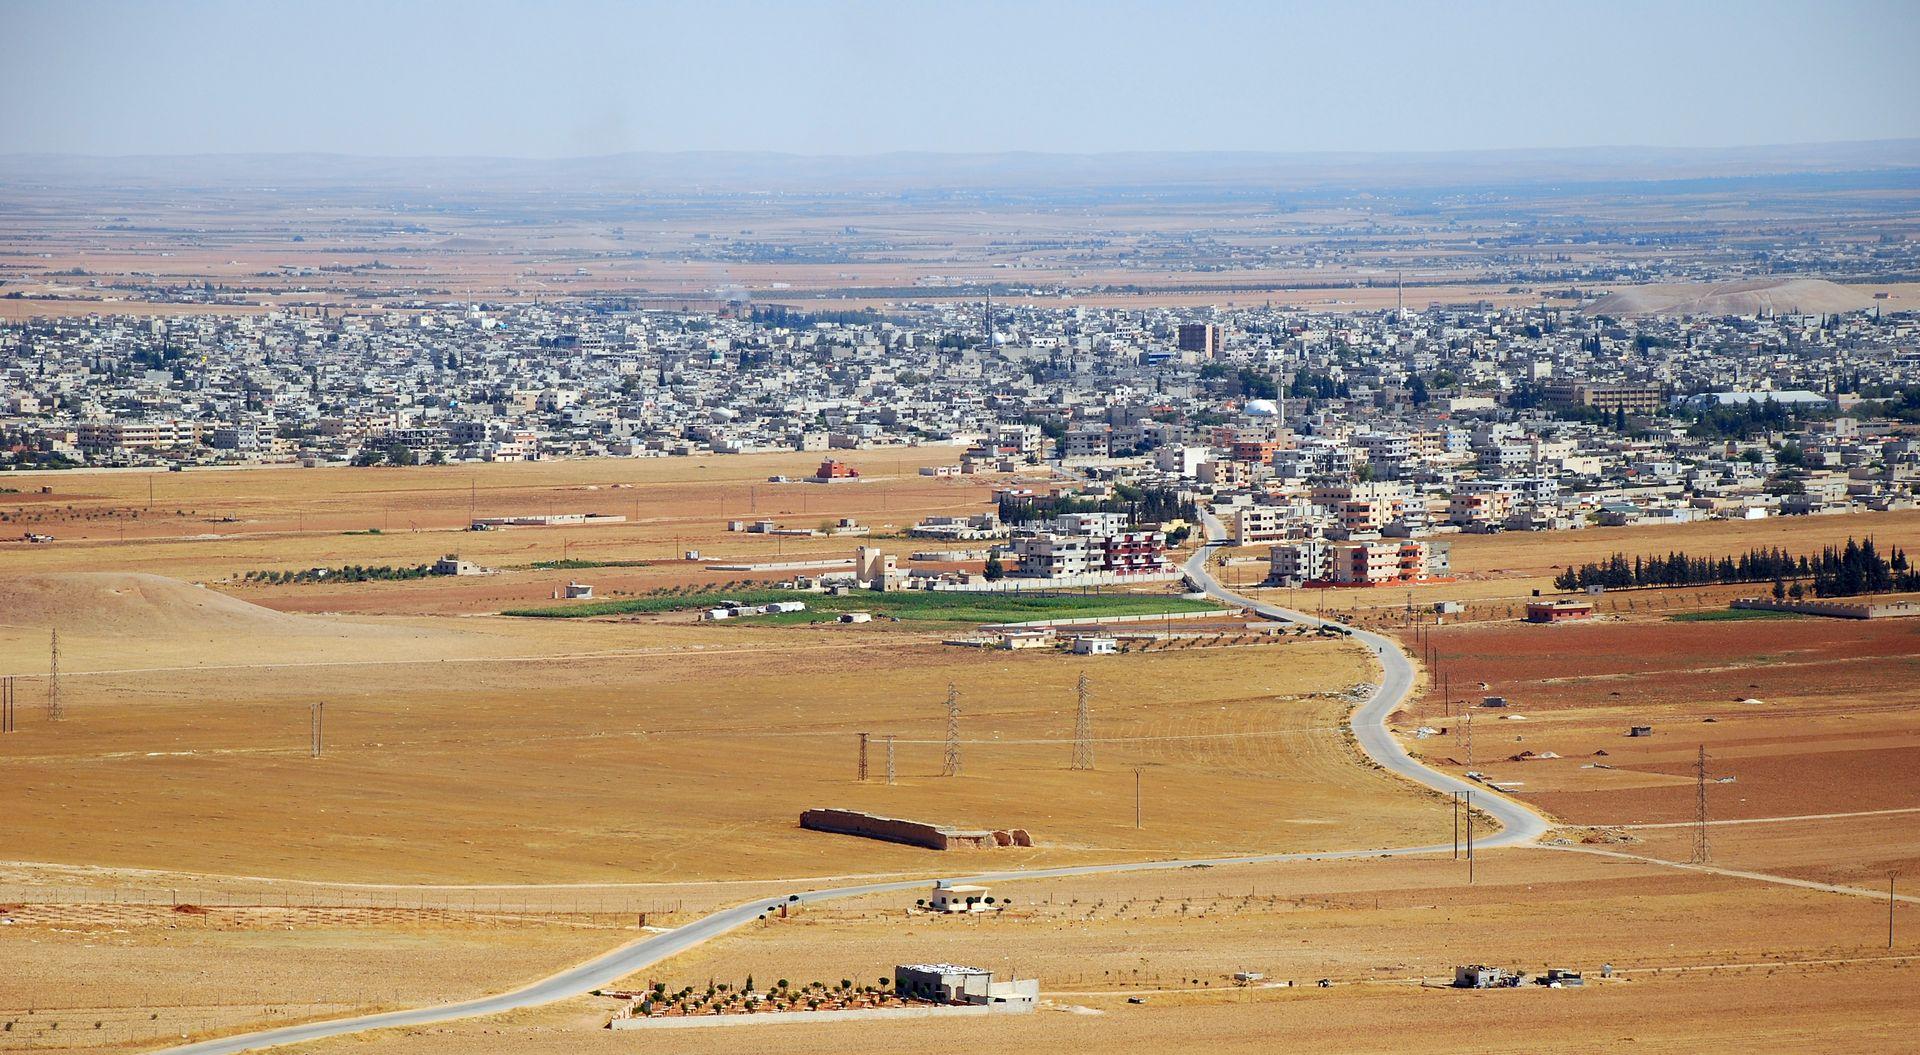 Salamyeh1 est une ville de Syrie située à 33 km au sud-est de Hama dans la province (muhafazah) du même nom, et à 45 km au nord-est de Homs. Elle est surnommée